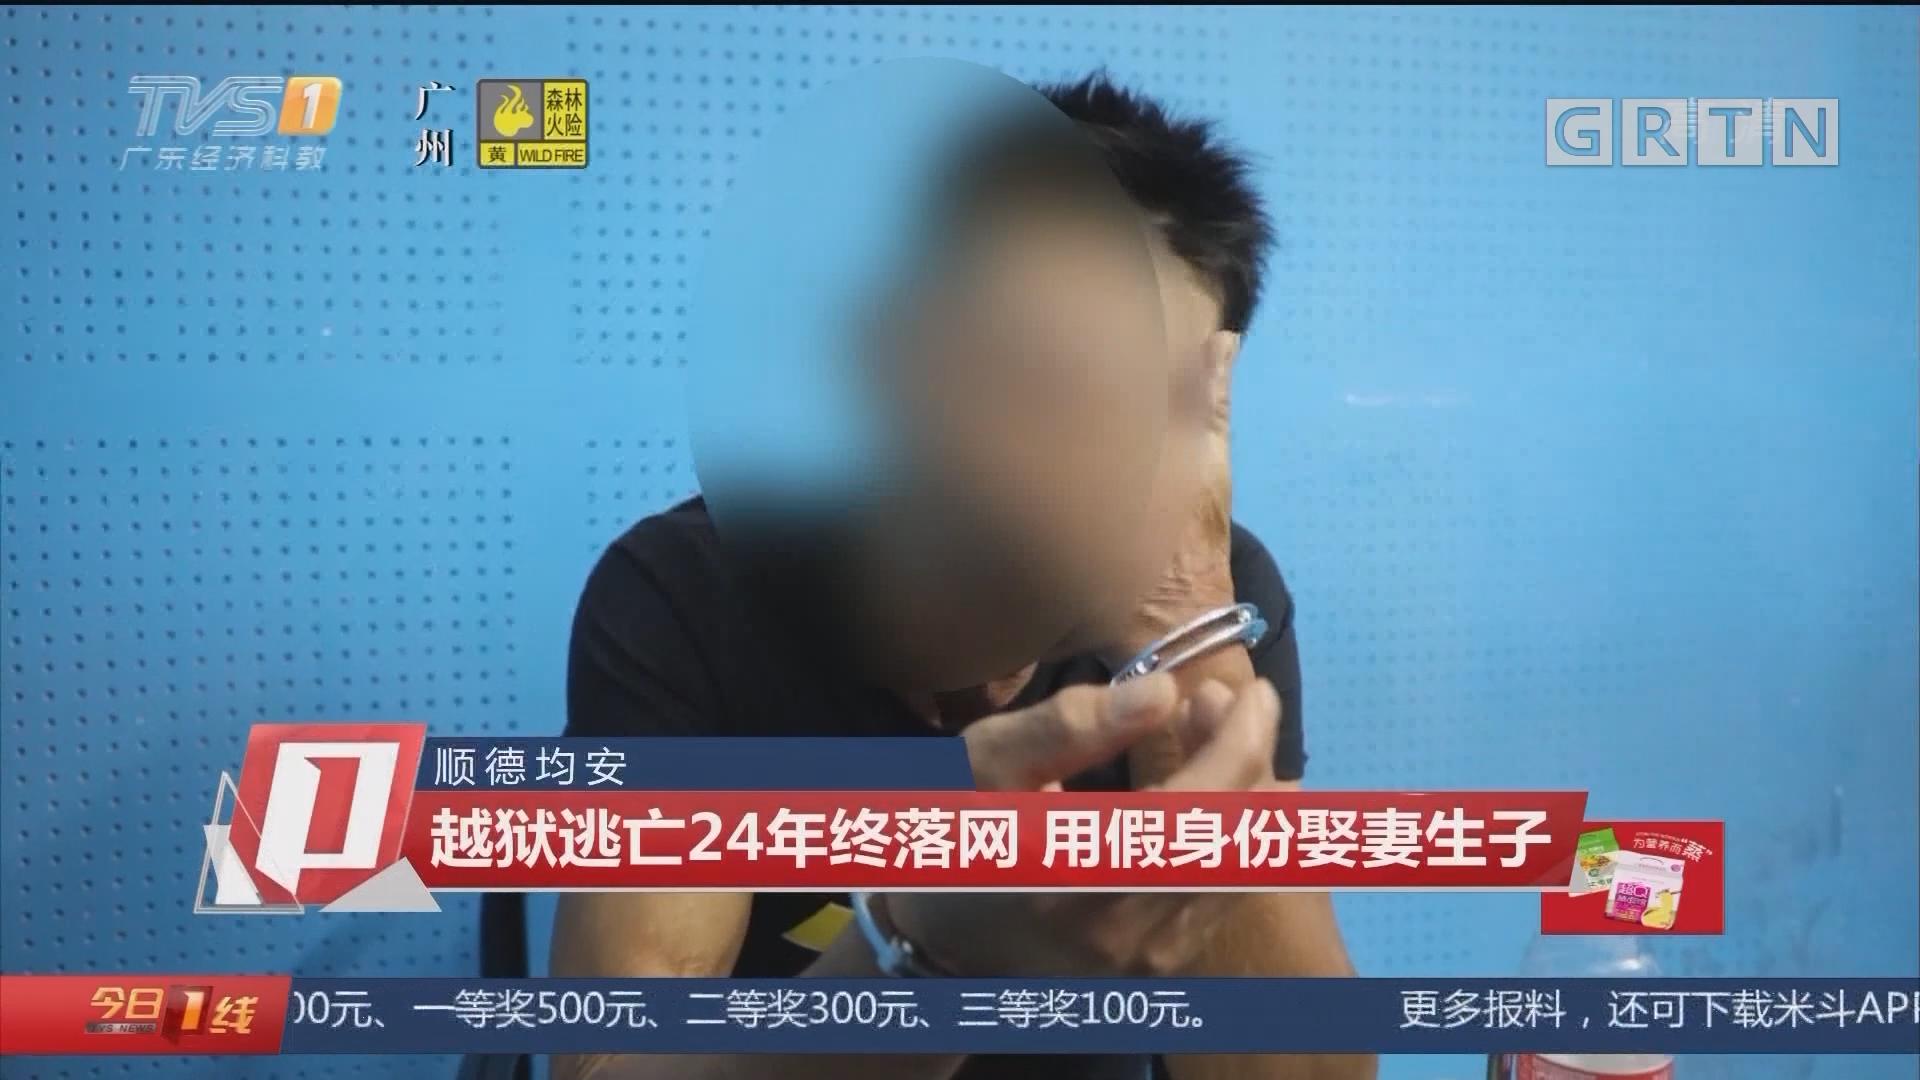 顺德均安:越狱逃亡24年终落网 用假身份娶妻生子